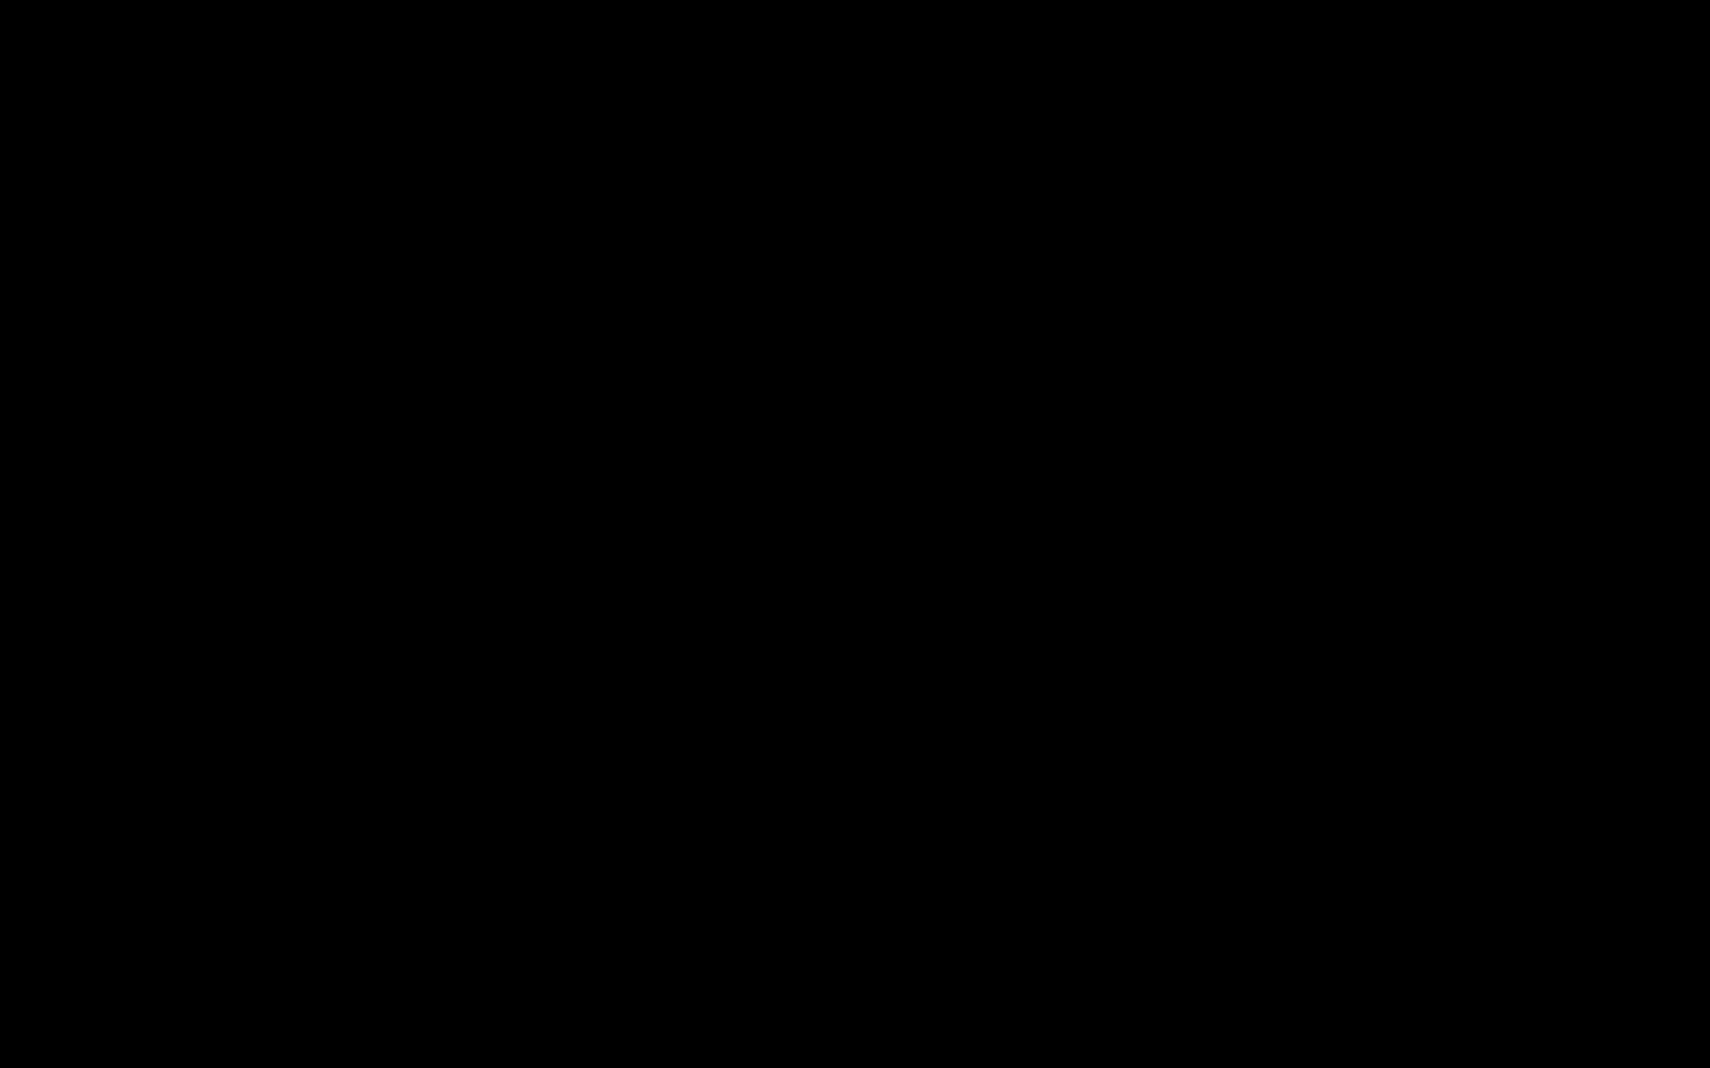 Koleksi-Impian_logo-Black